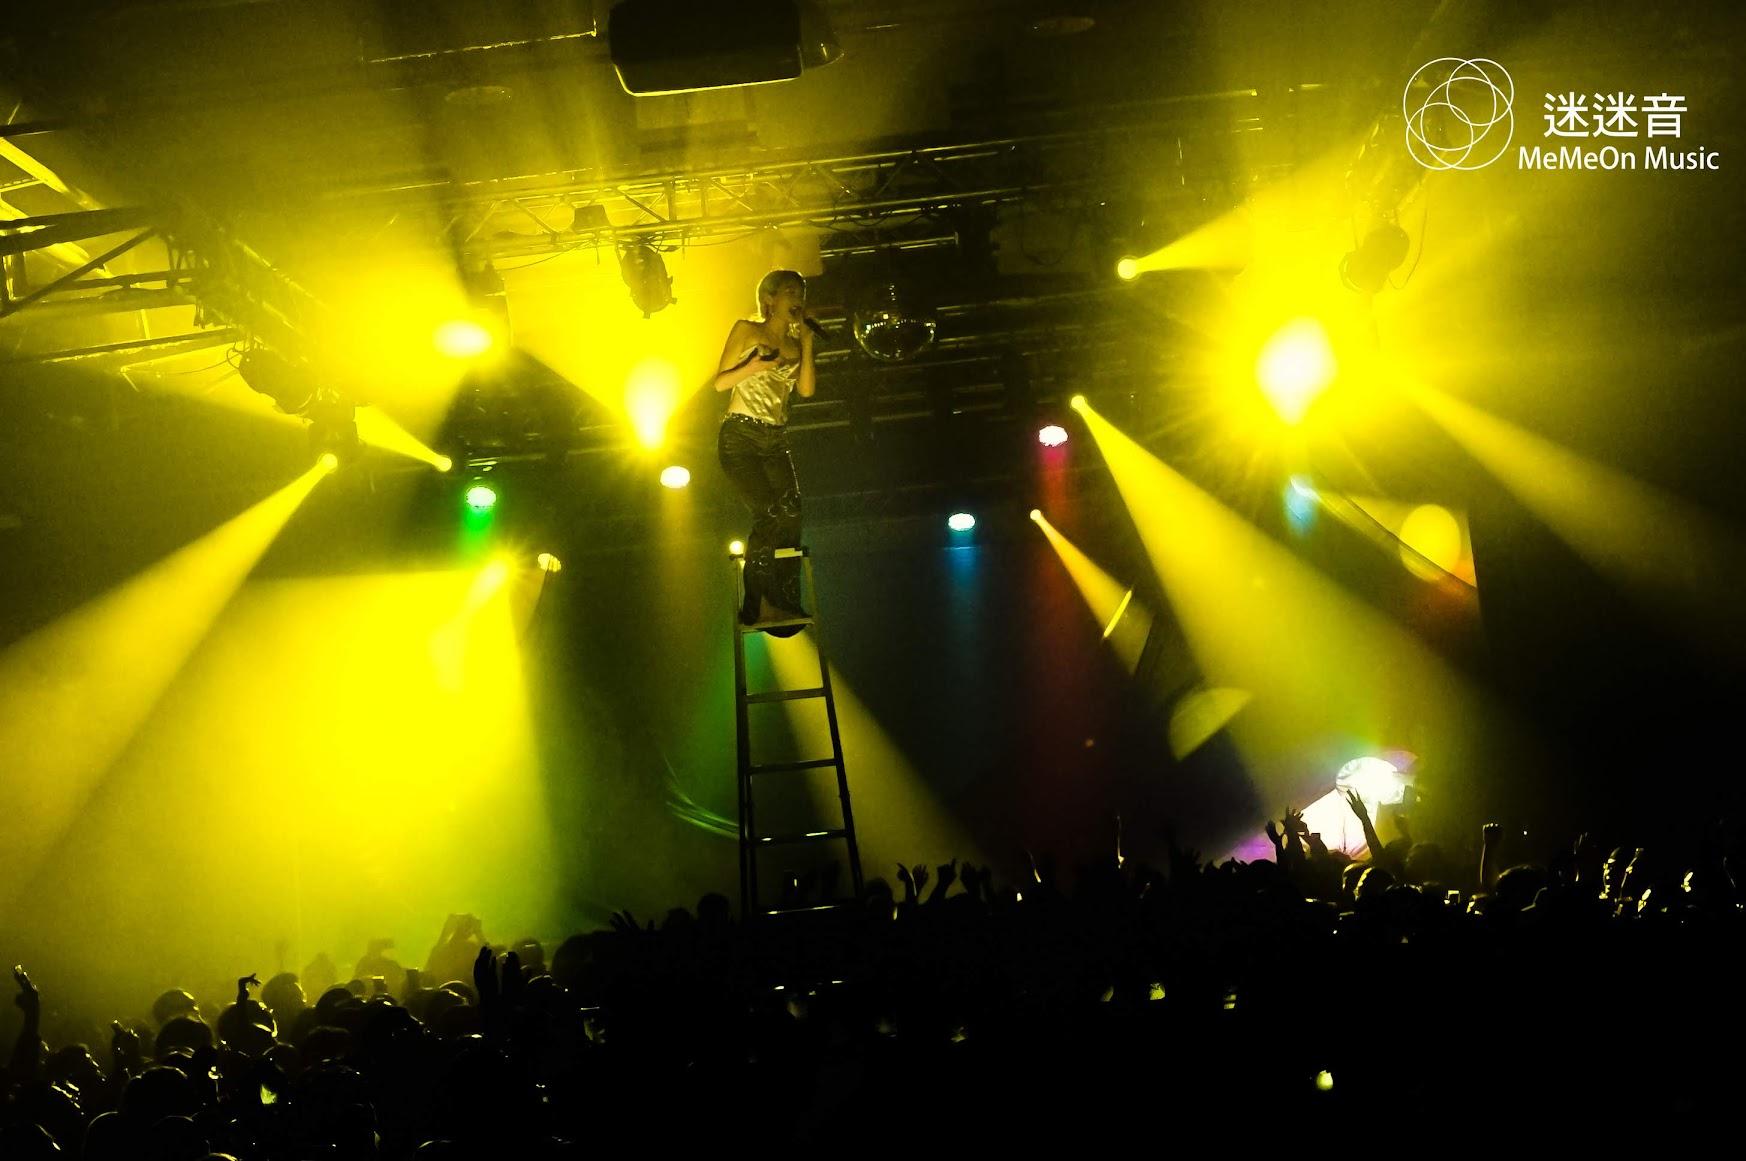 【迷迷現場】詳細報導 星期三的康帕內拉 水曜日のカンパネラ 玩新招爬高梯 「我覺得自己生長在台灣!」